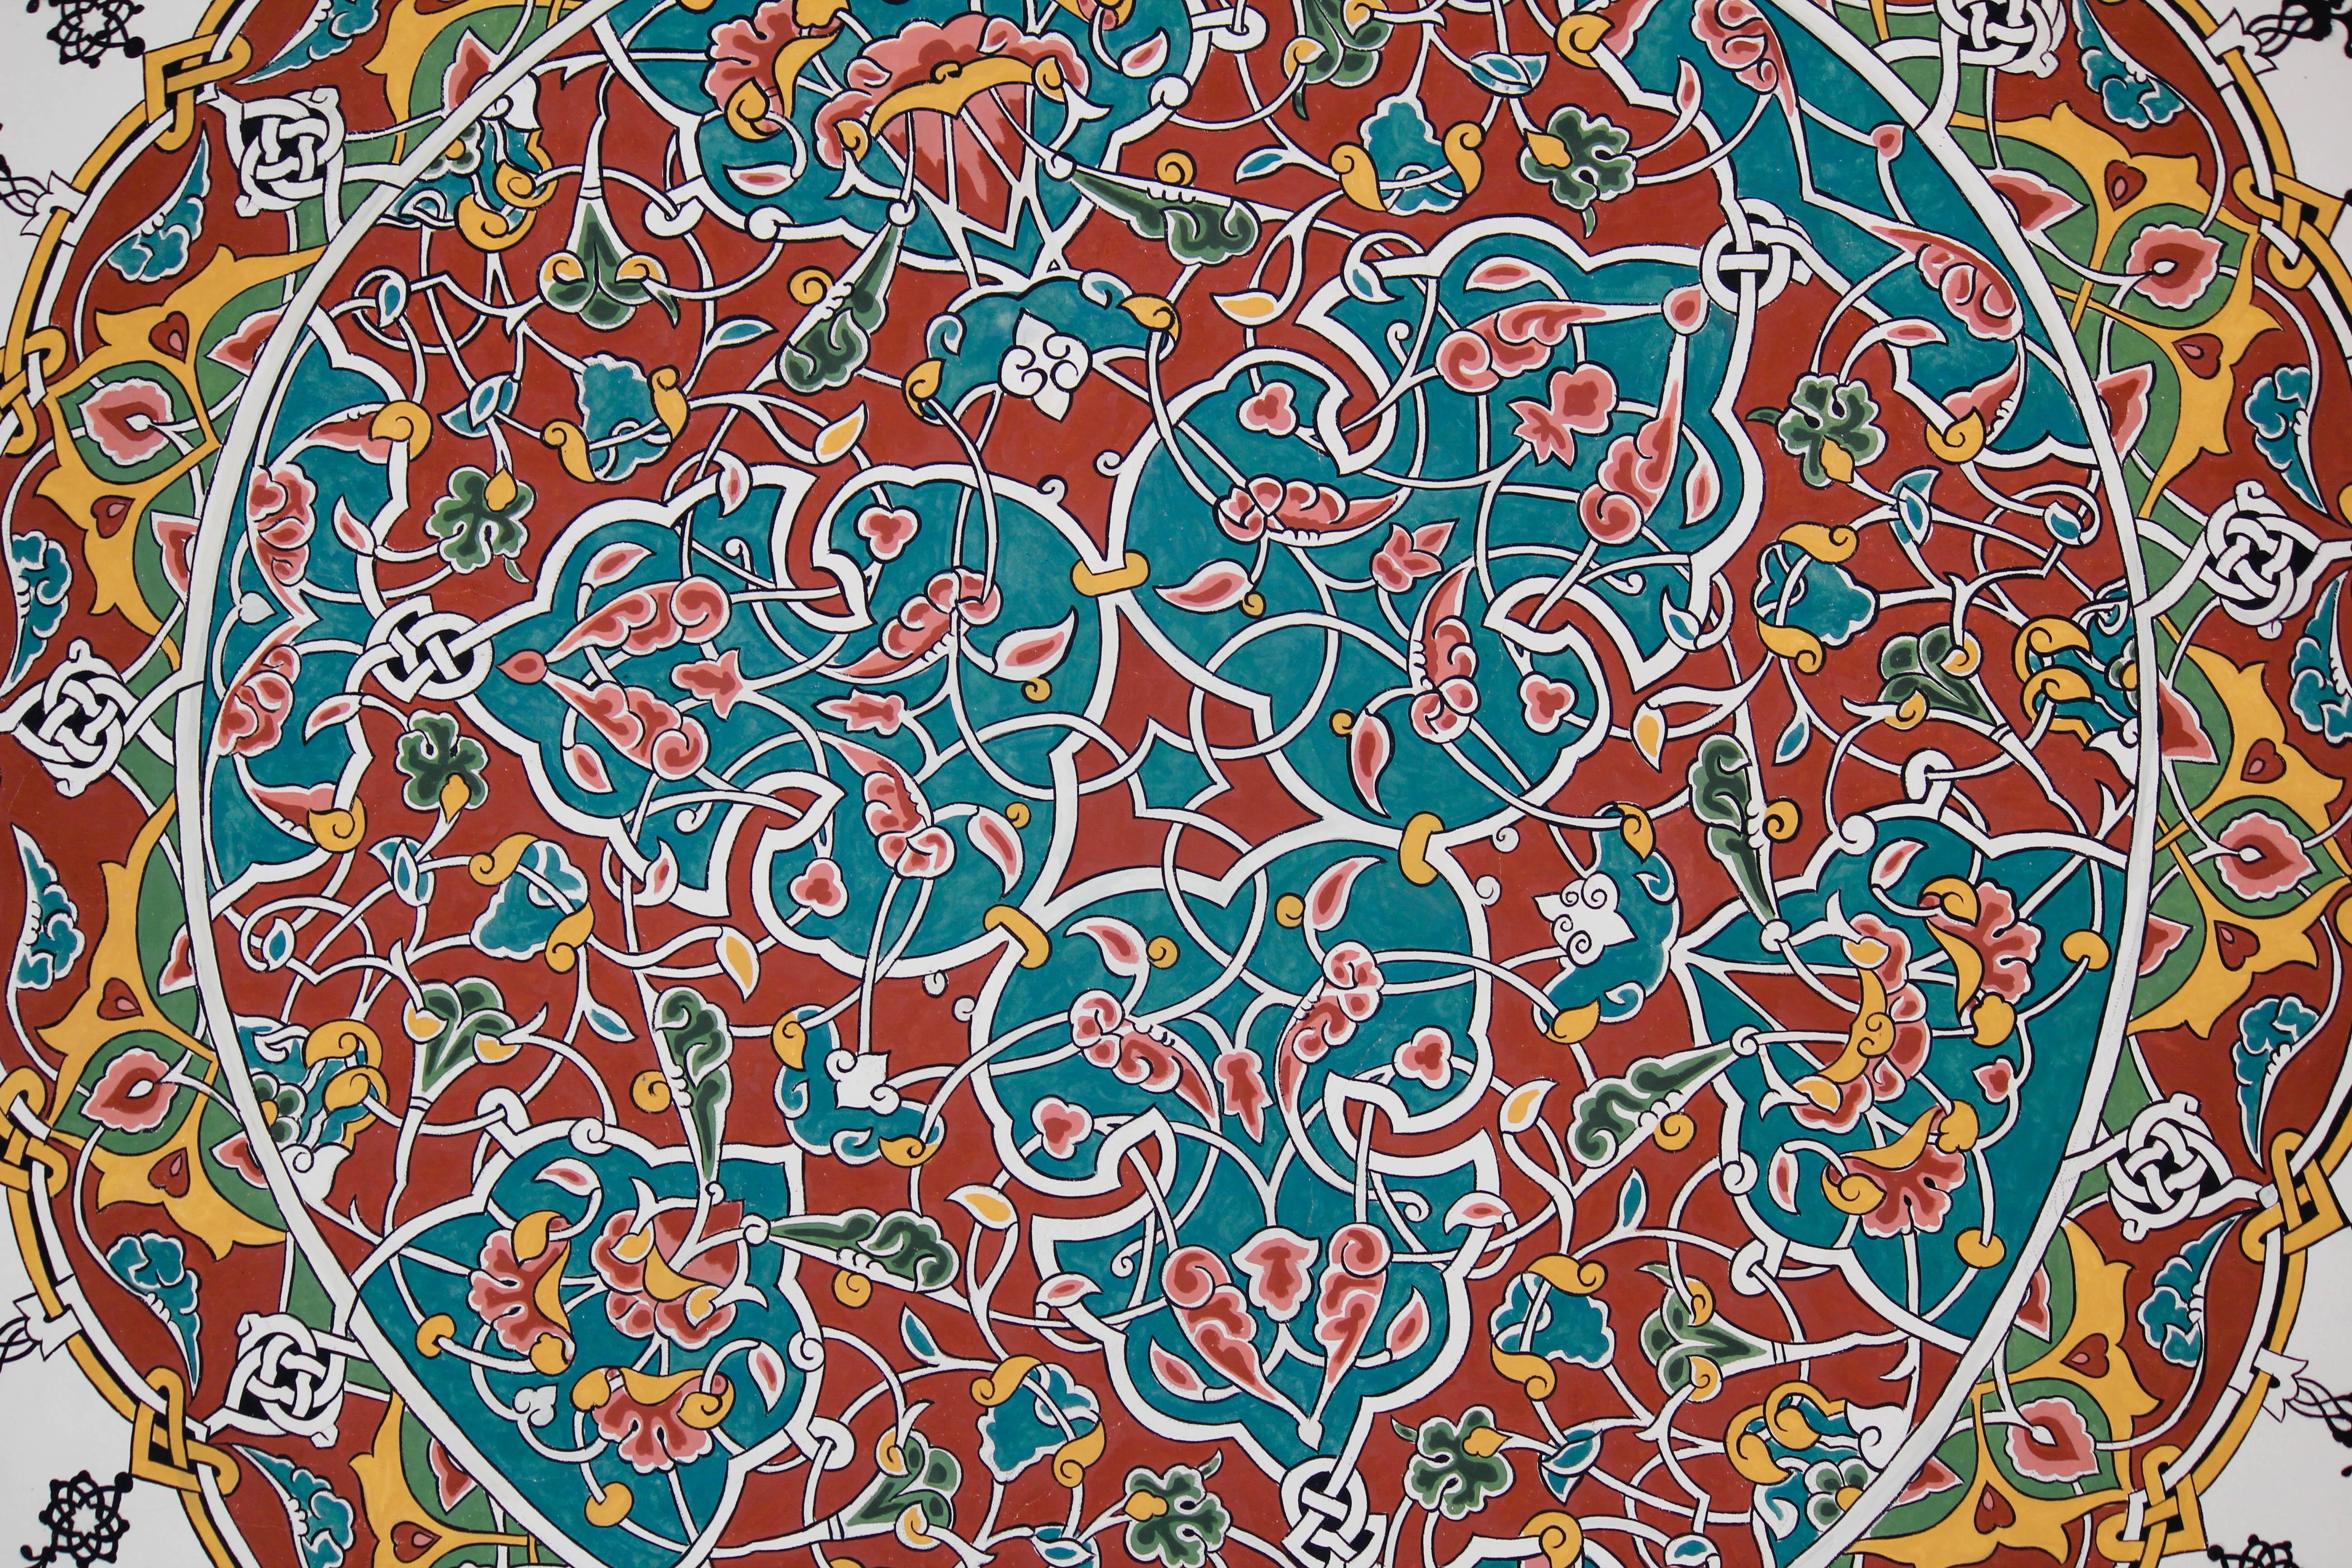 5184x3456 Free Images Pattern, Circle, Drawing, Design, Mosaic, Flooring